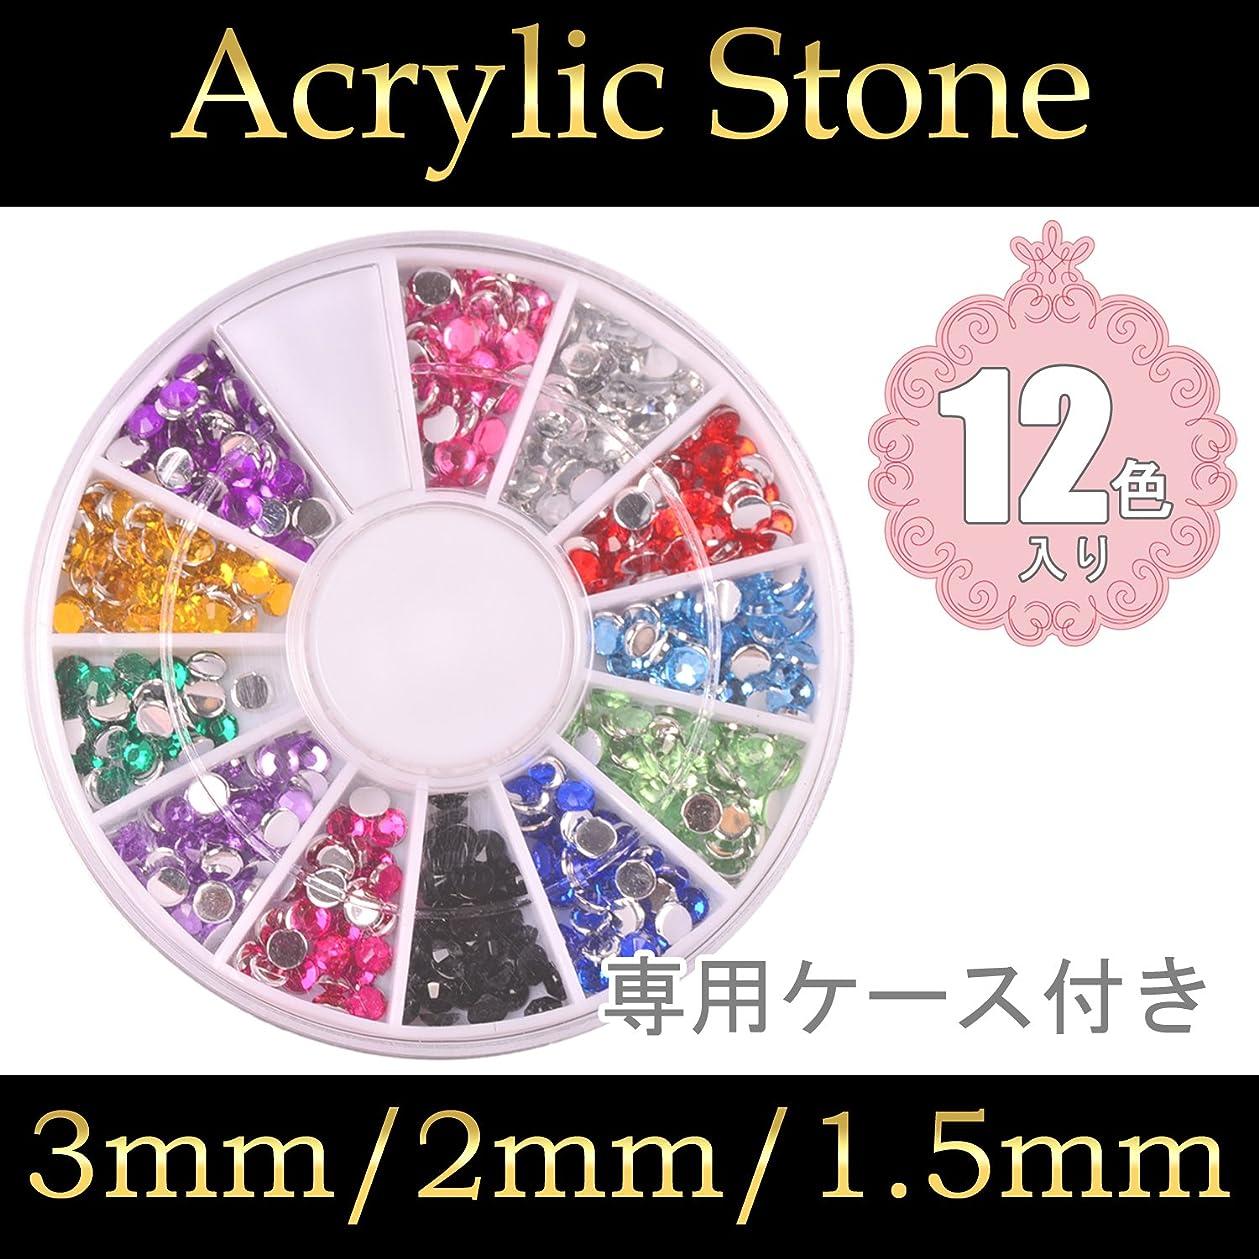 ベスト重要な真鍮ネイル アクリルラインストーン 12色セット(1.5mm[各100粒?1200粒入り])